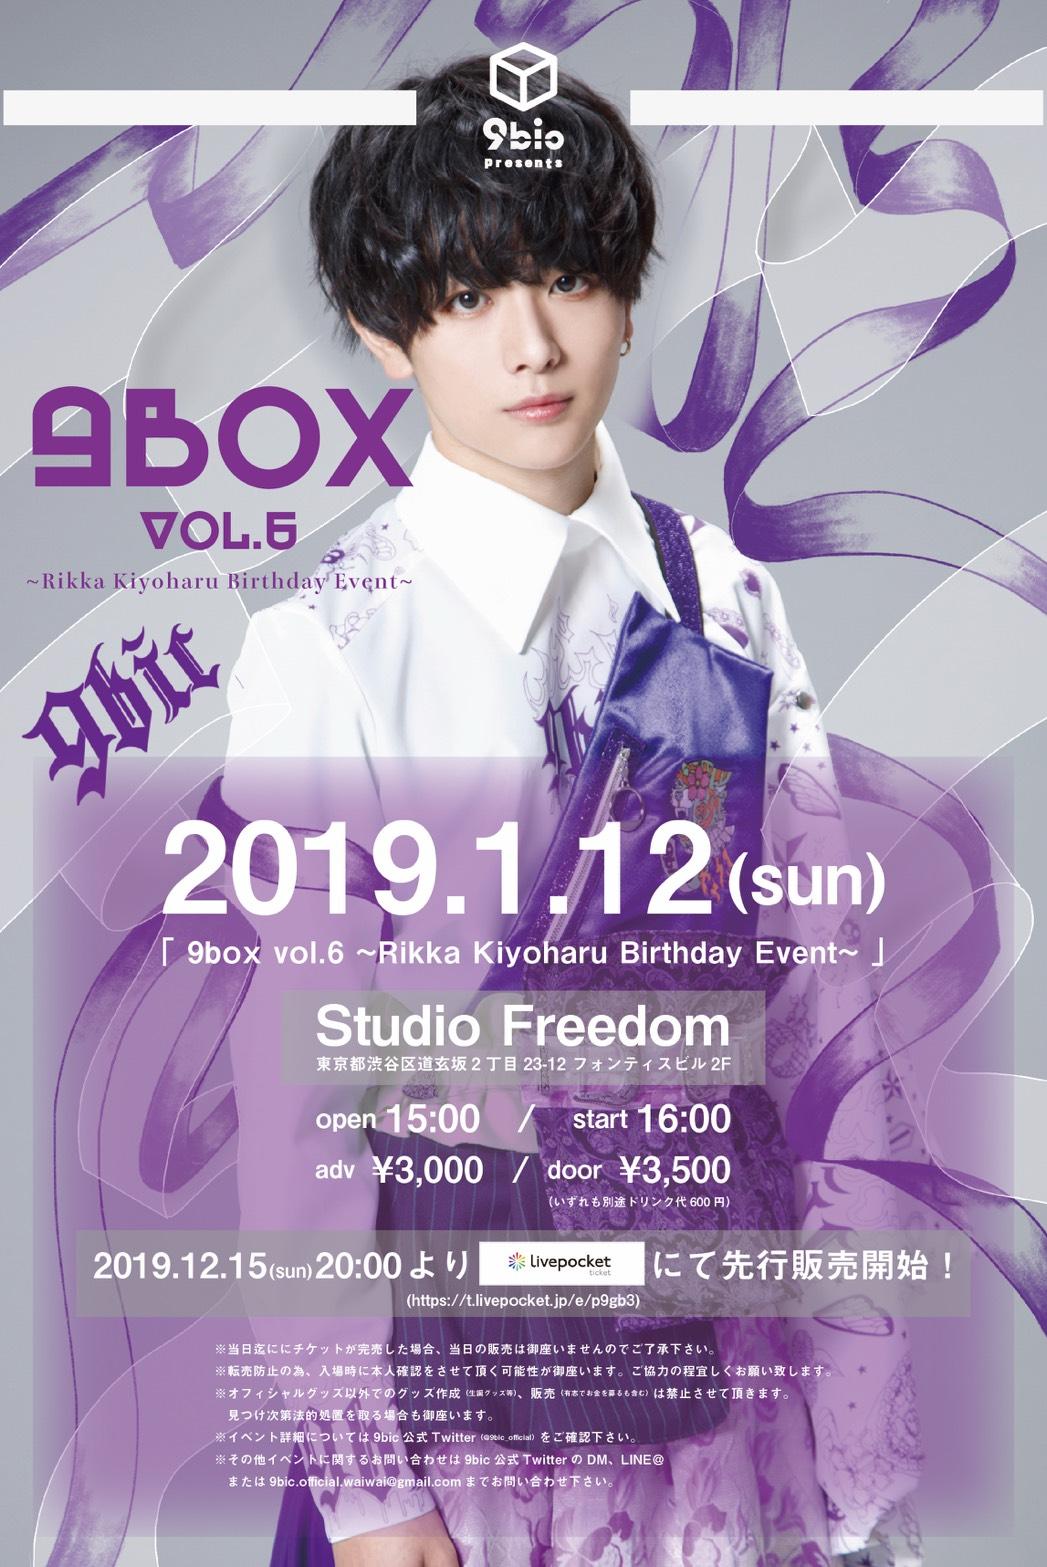 9box vol.6 ~Rikka Kiyoharu Birthday Event~